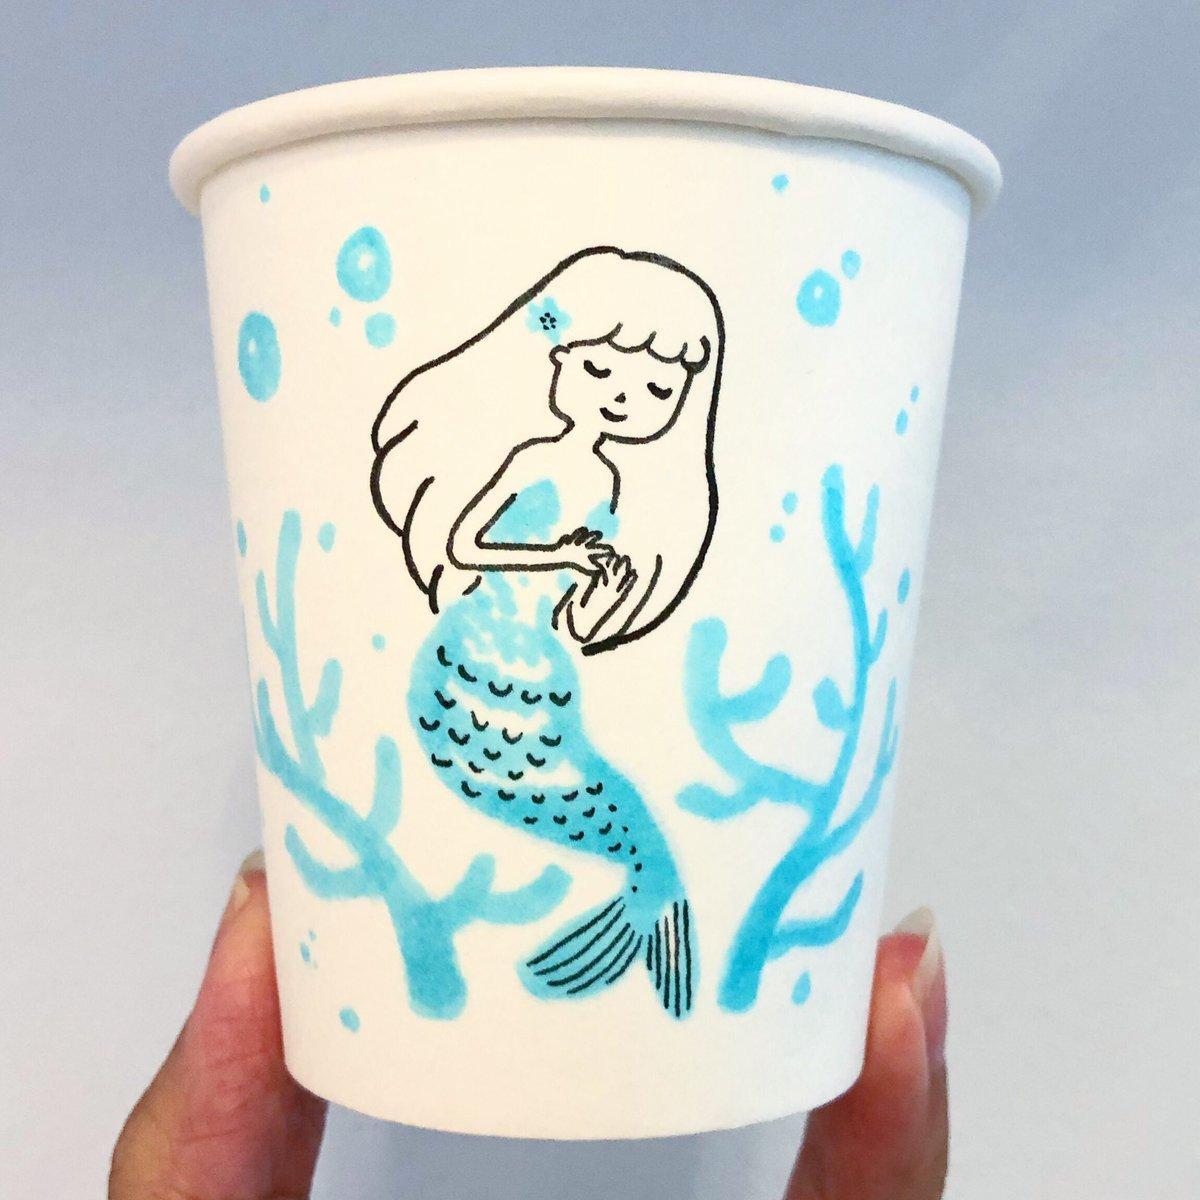 刺身を食べたい、 . . #art  #artist  #artwork  #artistbarista  #coffee  #tea  #sgillustrator  #illustrator  #illustration  #design  #draw  #doodle  #ink  #sketch  #coffeecup  #cafe  #sgcafe  #コーヒー  #カフェ  #メーカ  #デザイン  #シンガポール  #イラストレーター  #イラストレーション